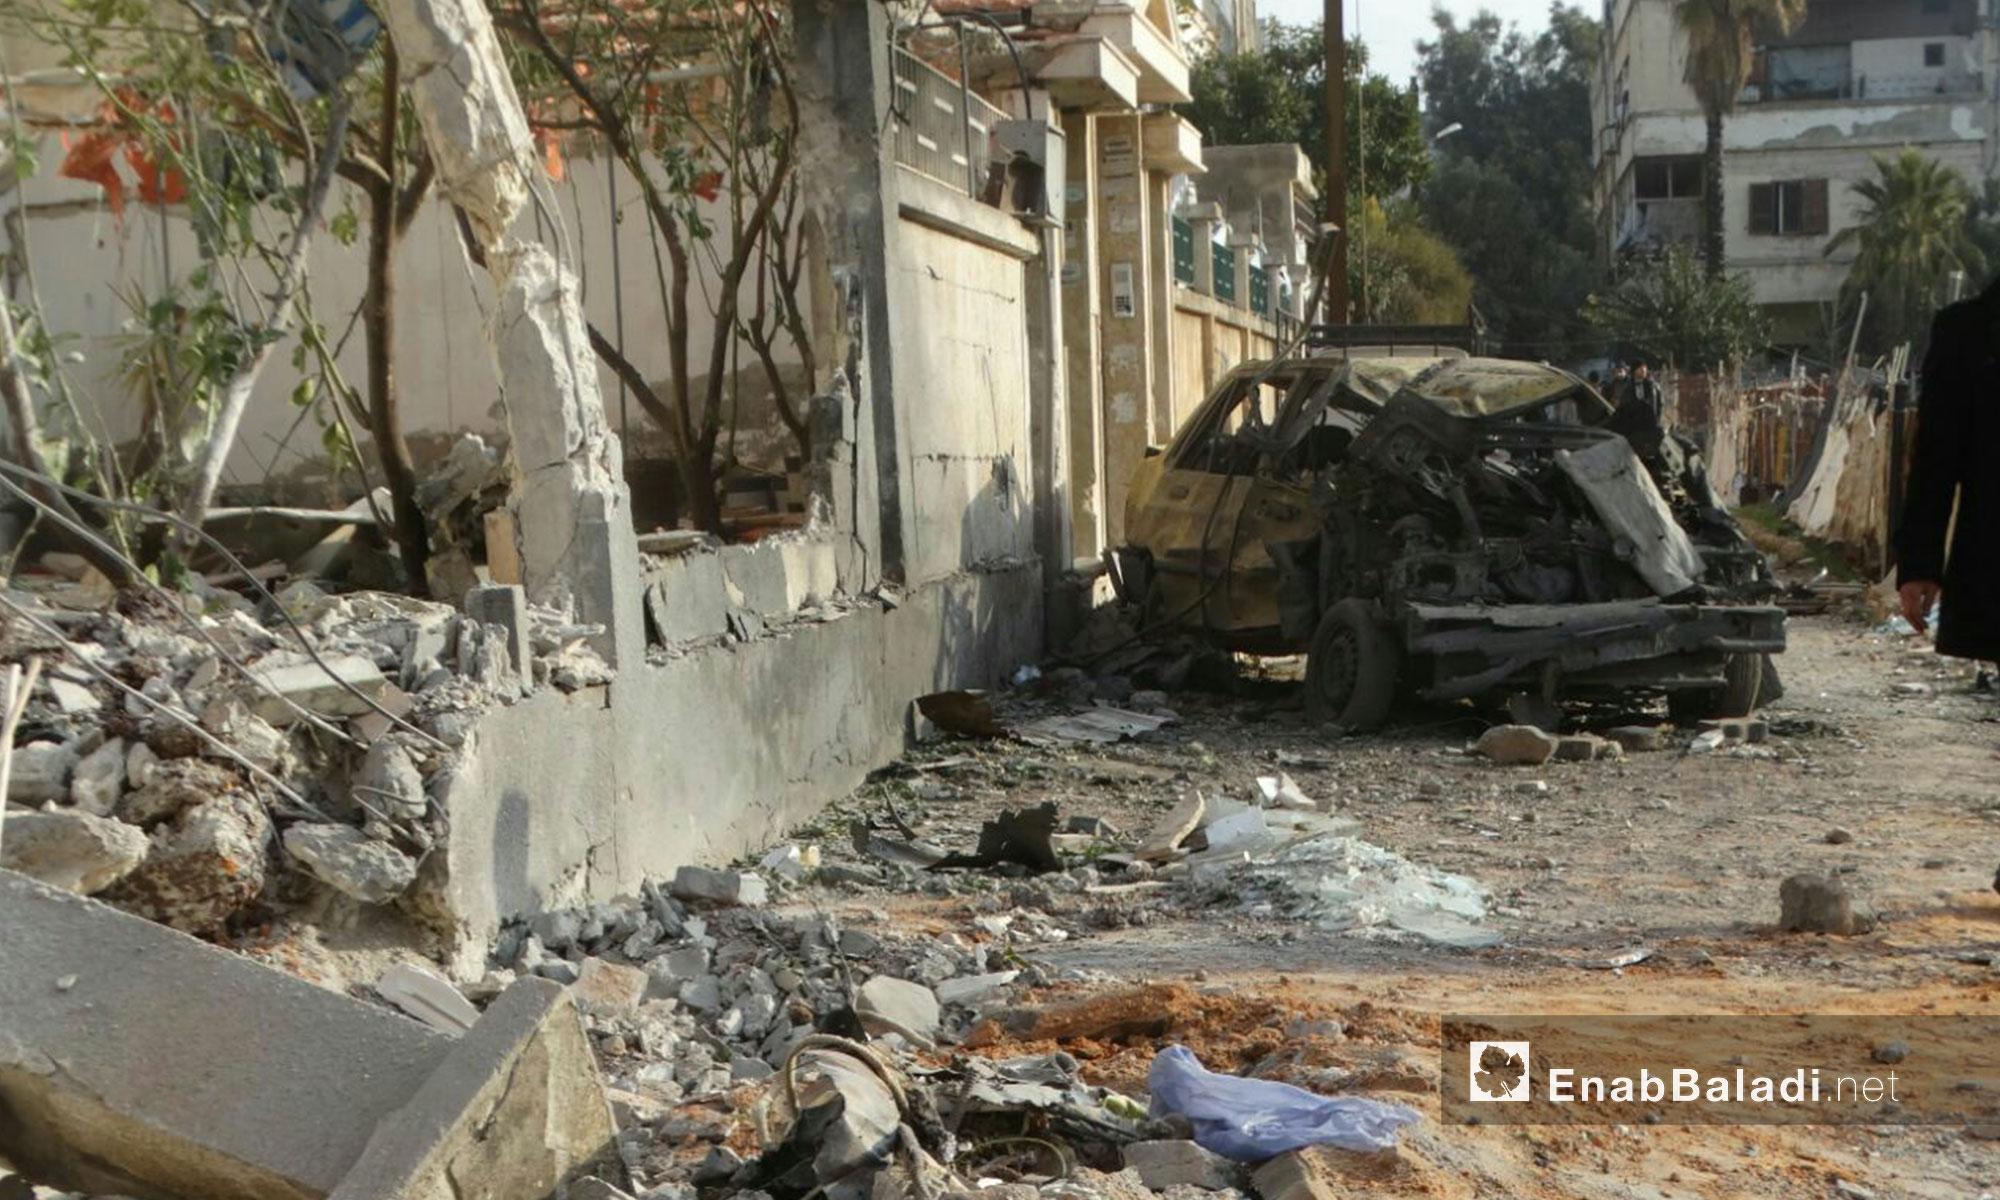 بعض مشاهد الدمار الذي خلفه القصف على حي الوعر في حمص - 9 شباط 2017 (عنب بلدي)